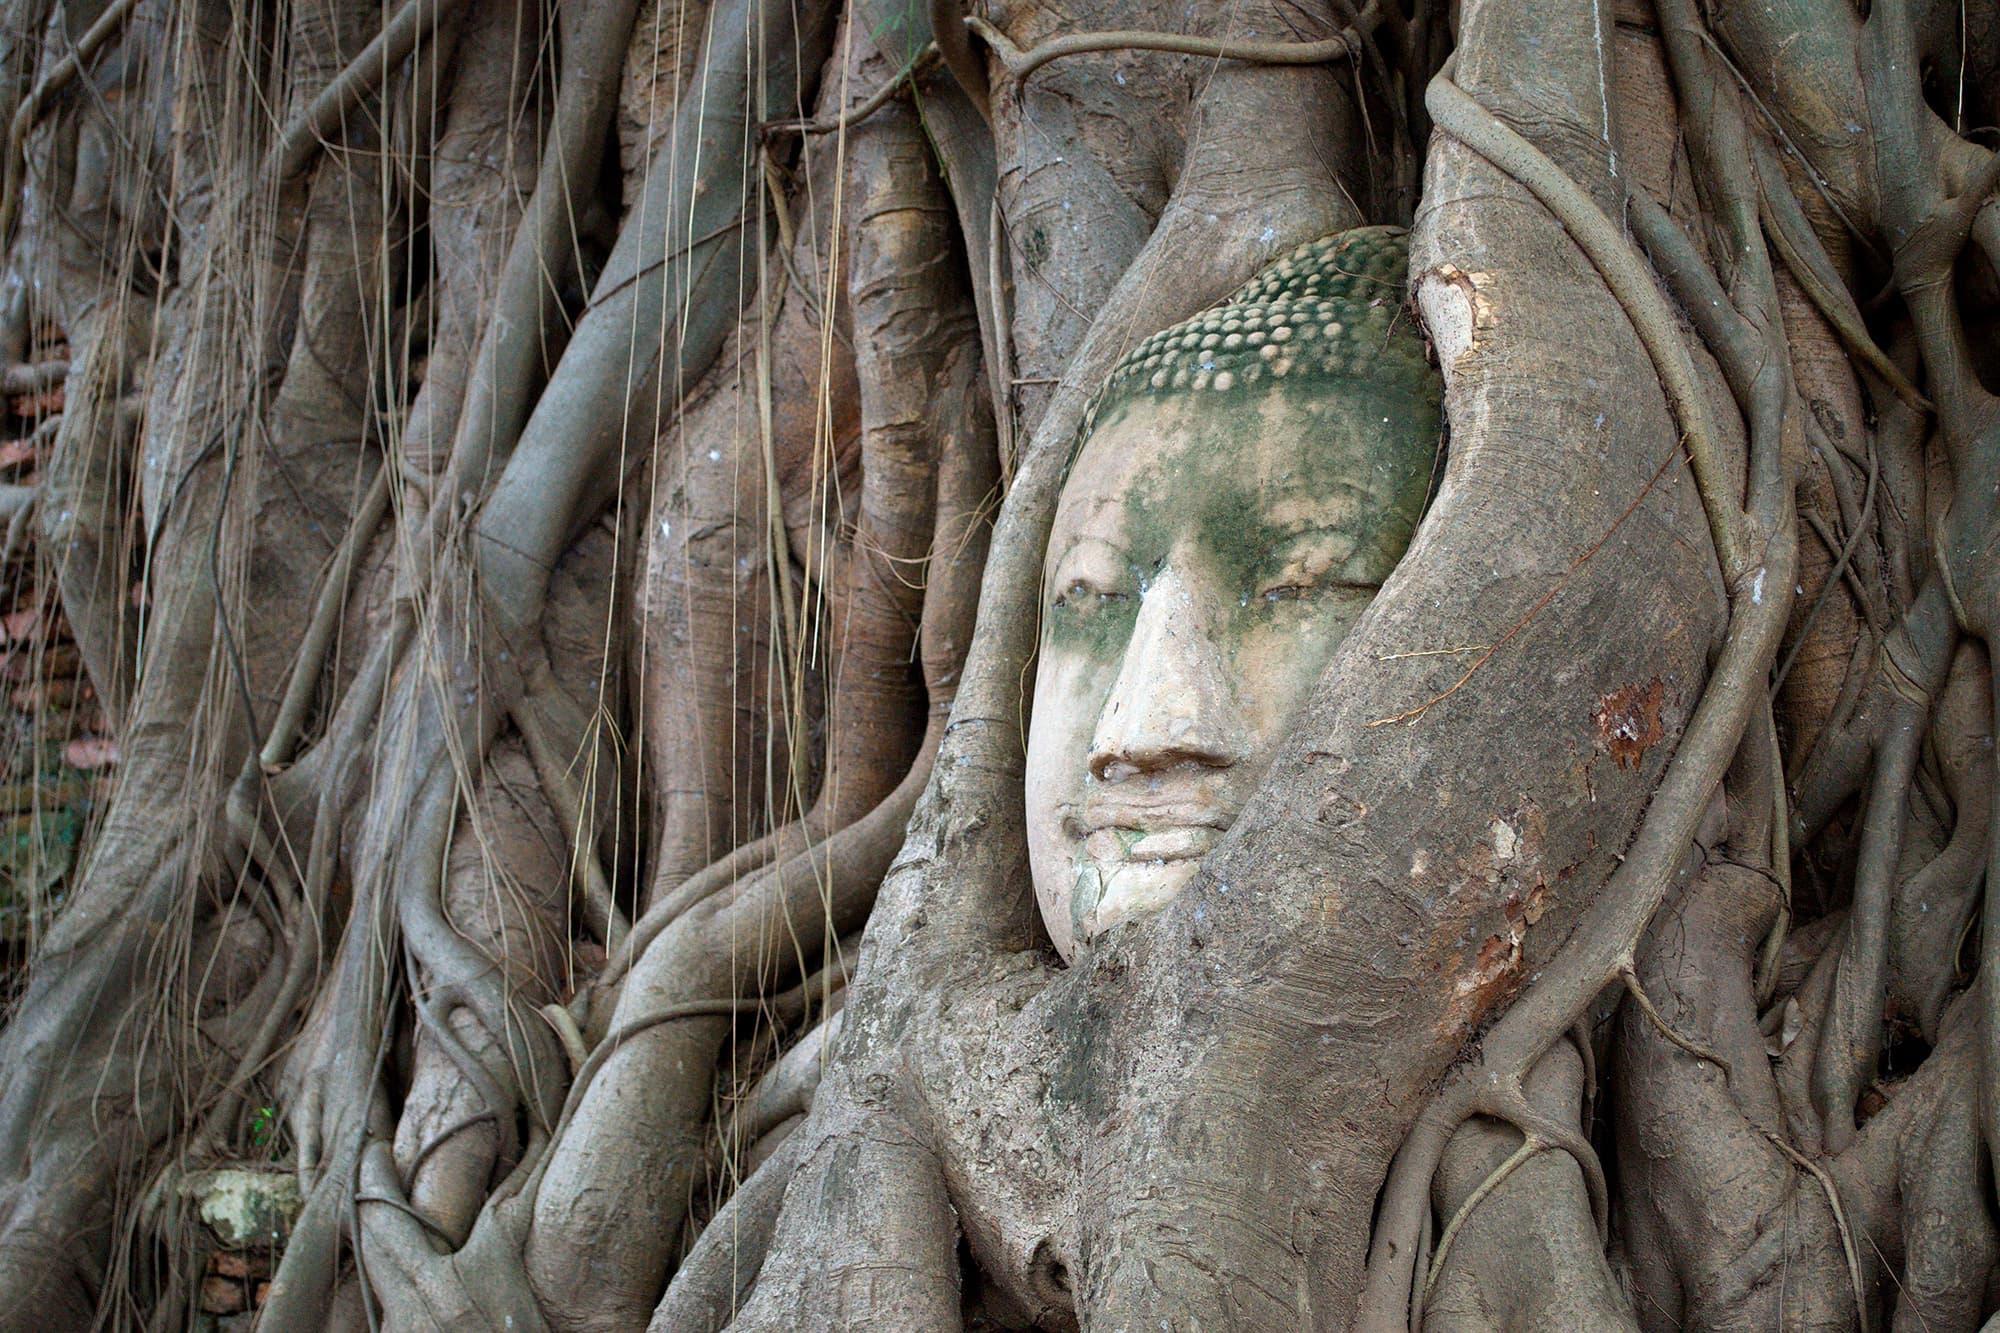 Tailandia del norte en hoteles boutique - Tailandia- imagen #6